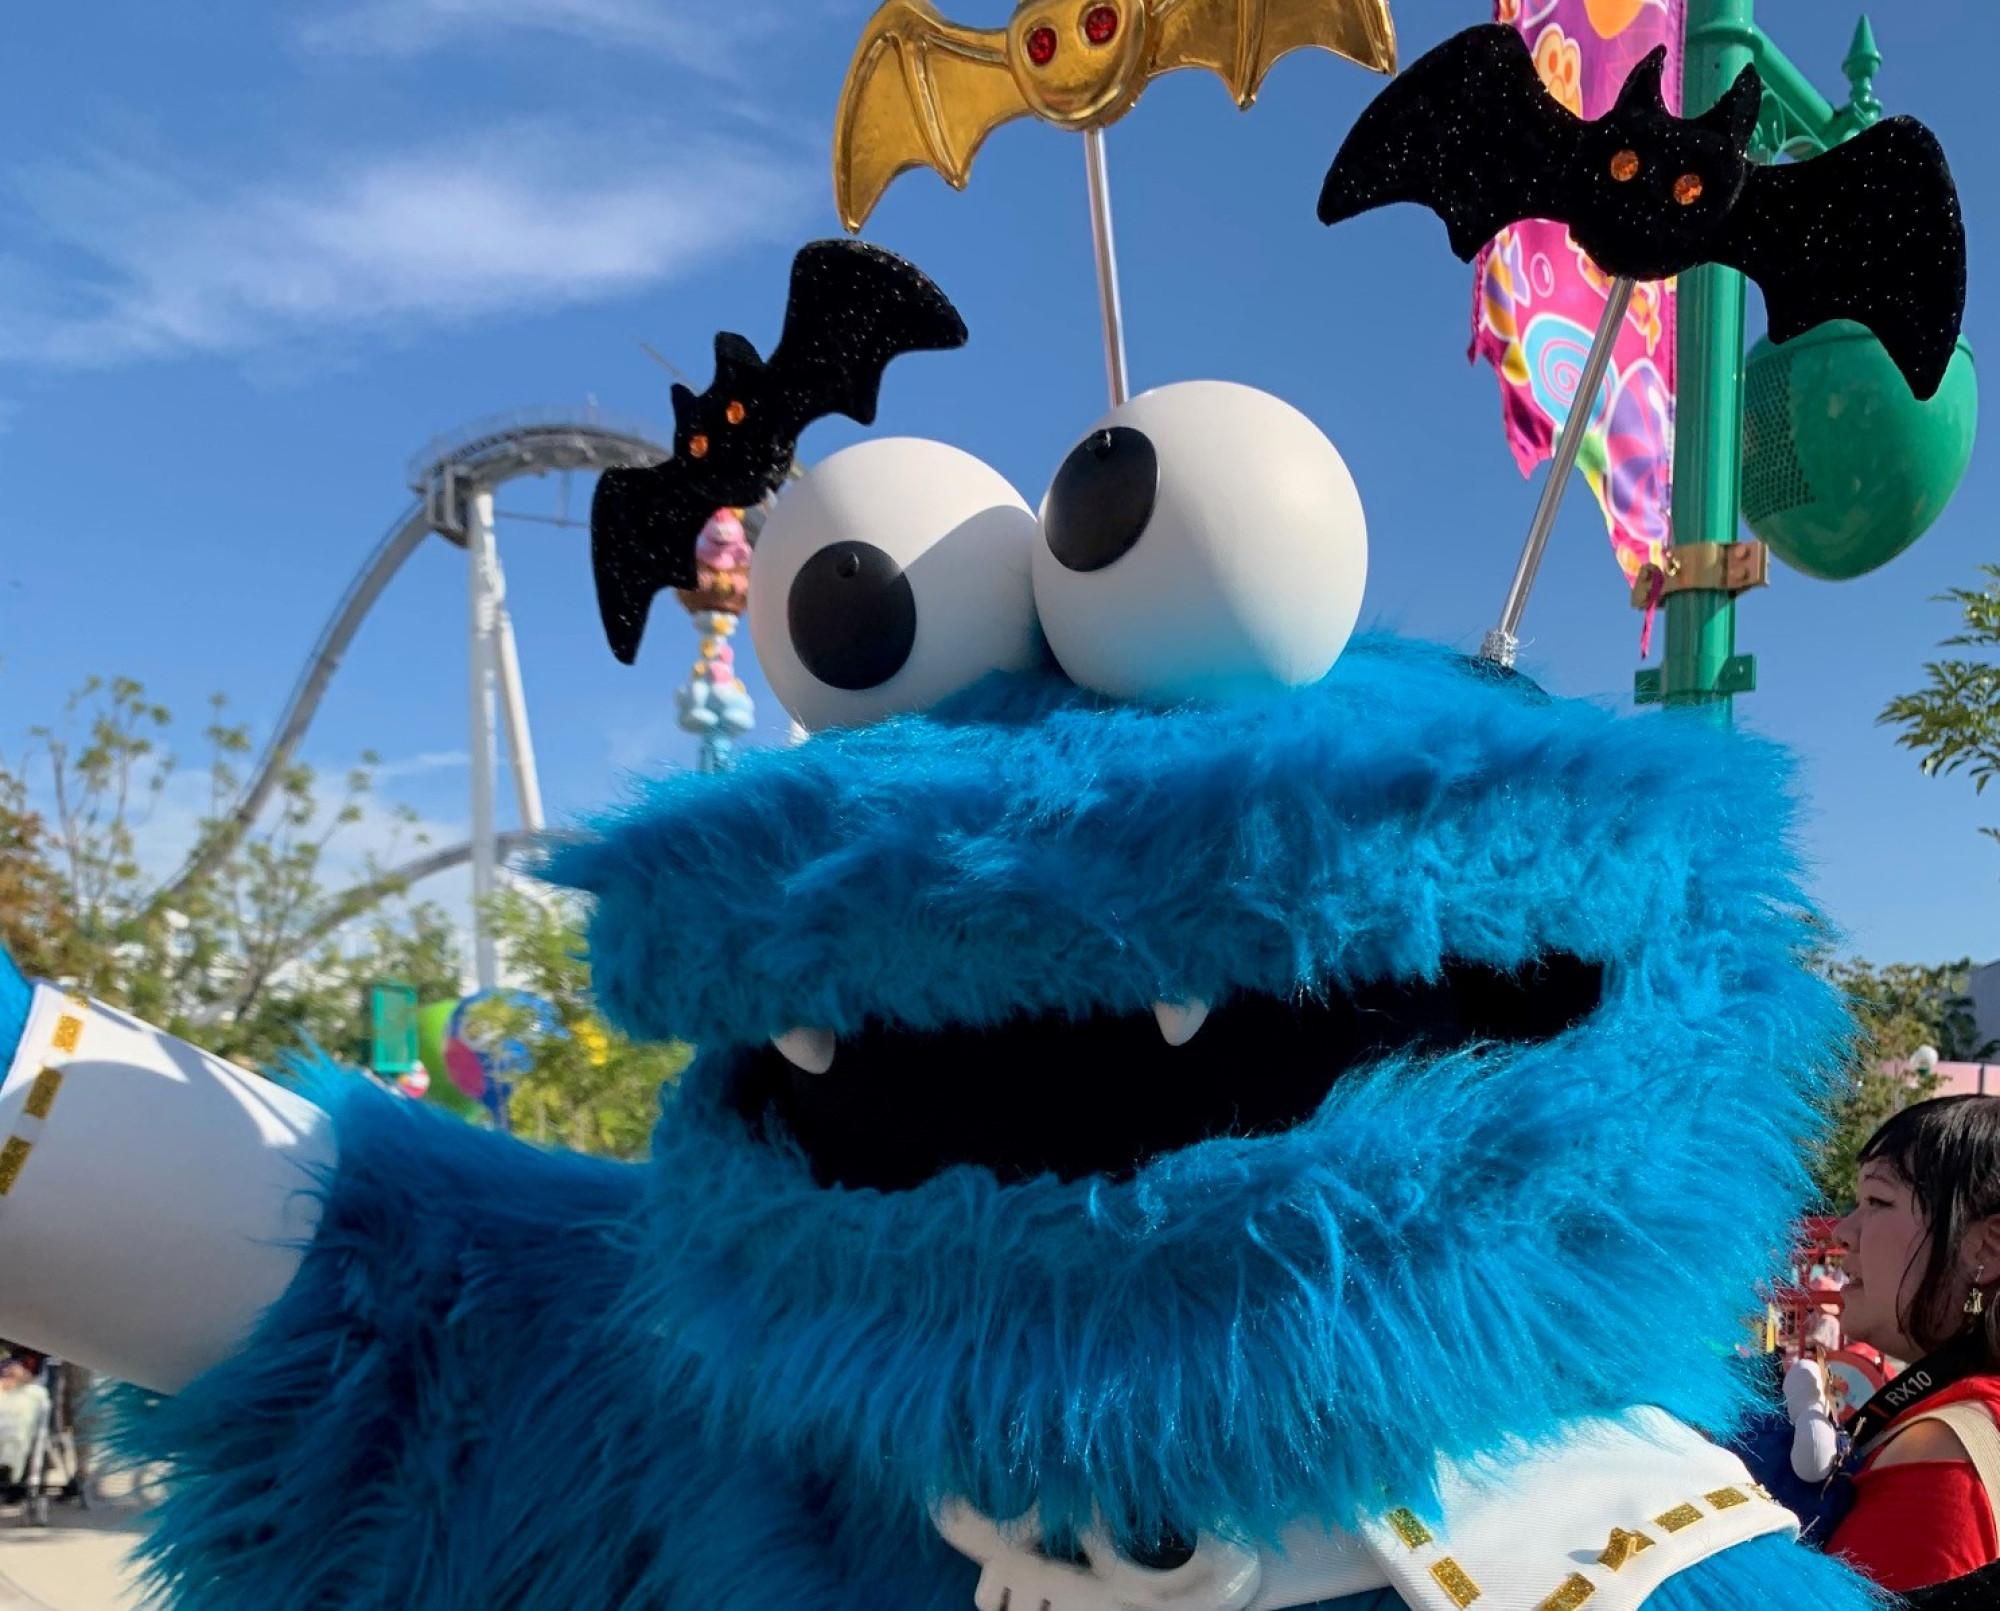 ハロウィン仮装のクッキーモンスター